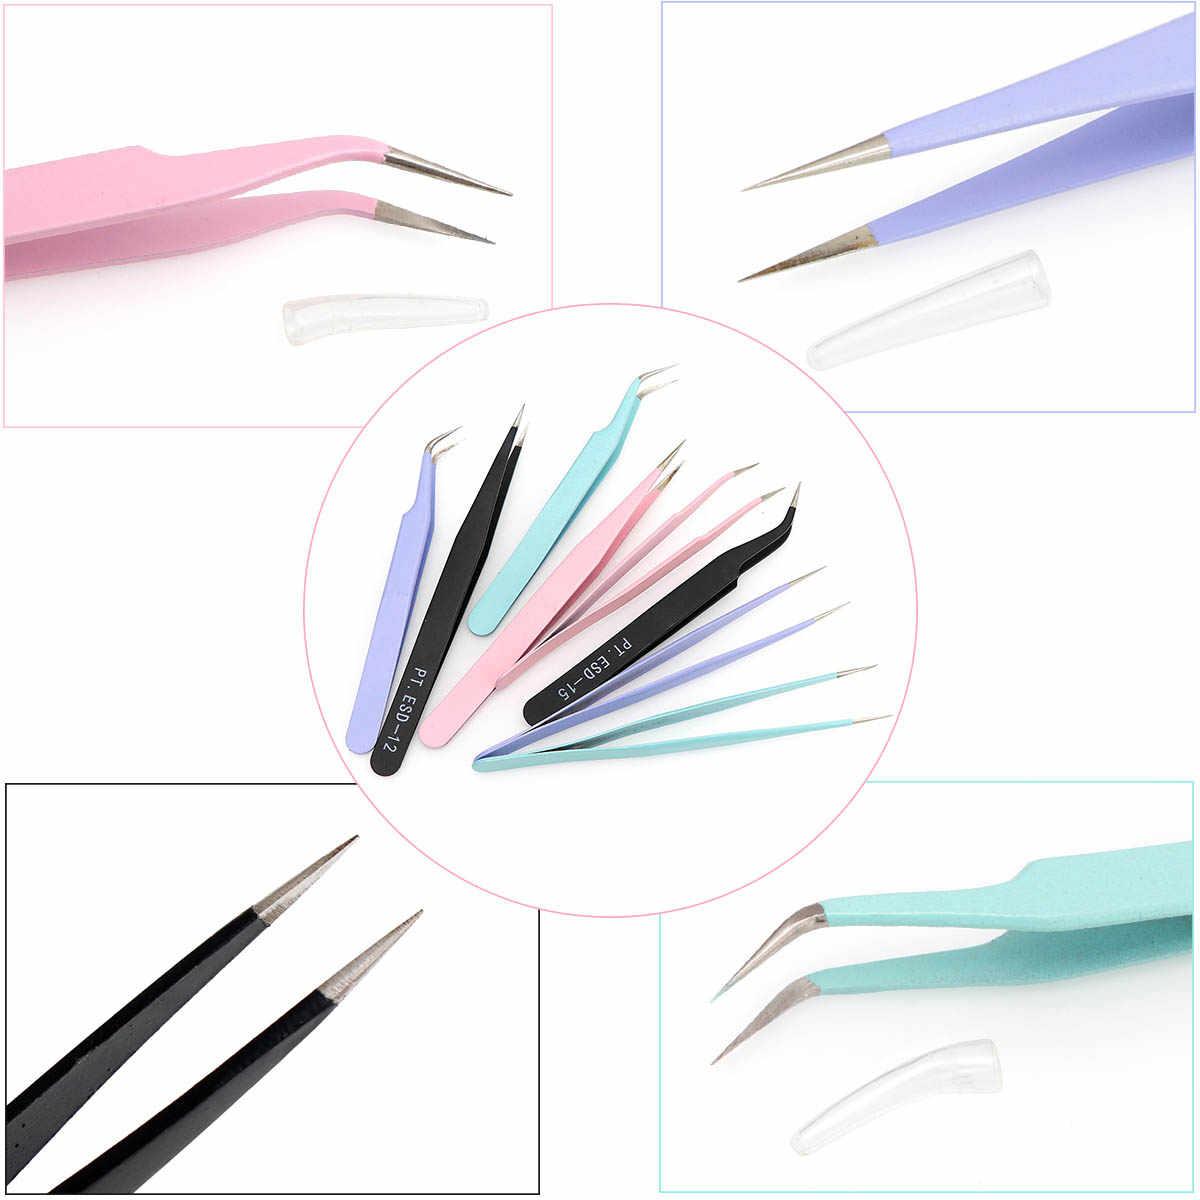 Pinzas de herramientas para joyería, alicates para punta redonda, pinzas para cortar cuentas, alicates para alambre, herramientas para cuchara DIY para fabricación de joyas